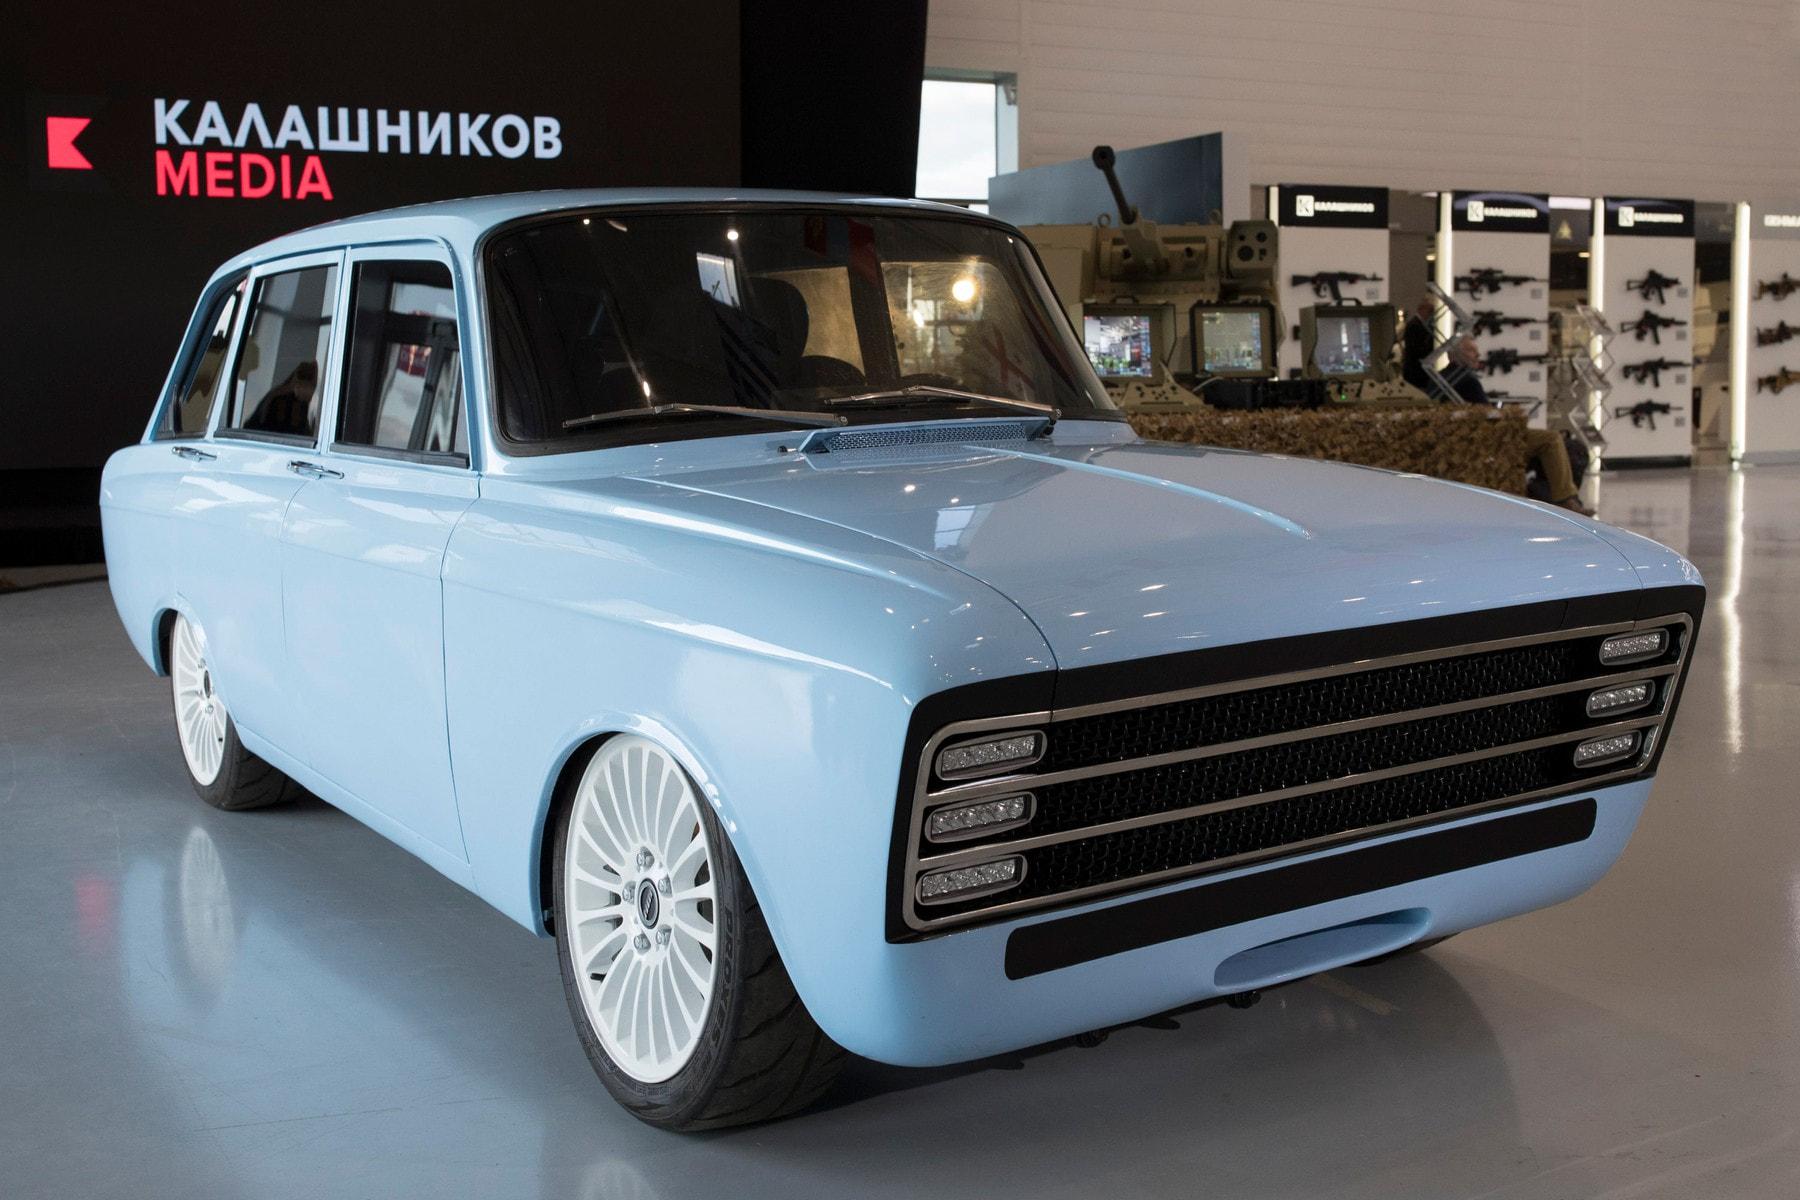 Игорь Антаров из Moscow Tesla Club борется с 20 мифами о Тесле и электромобилях - 7